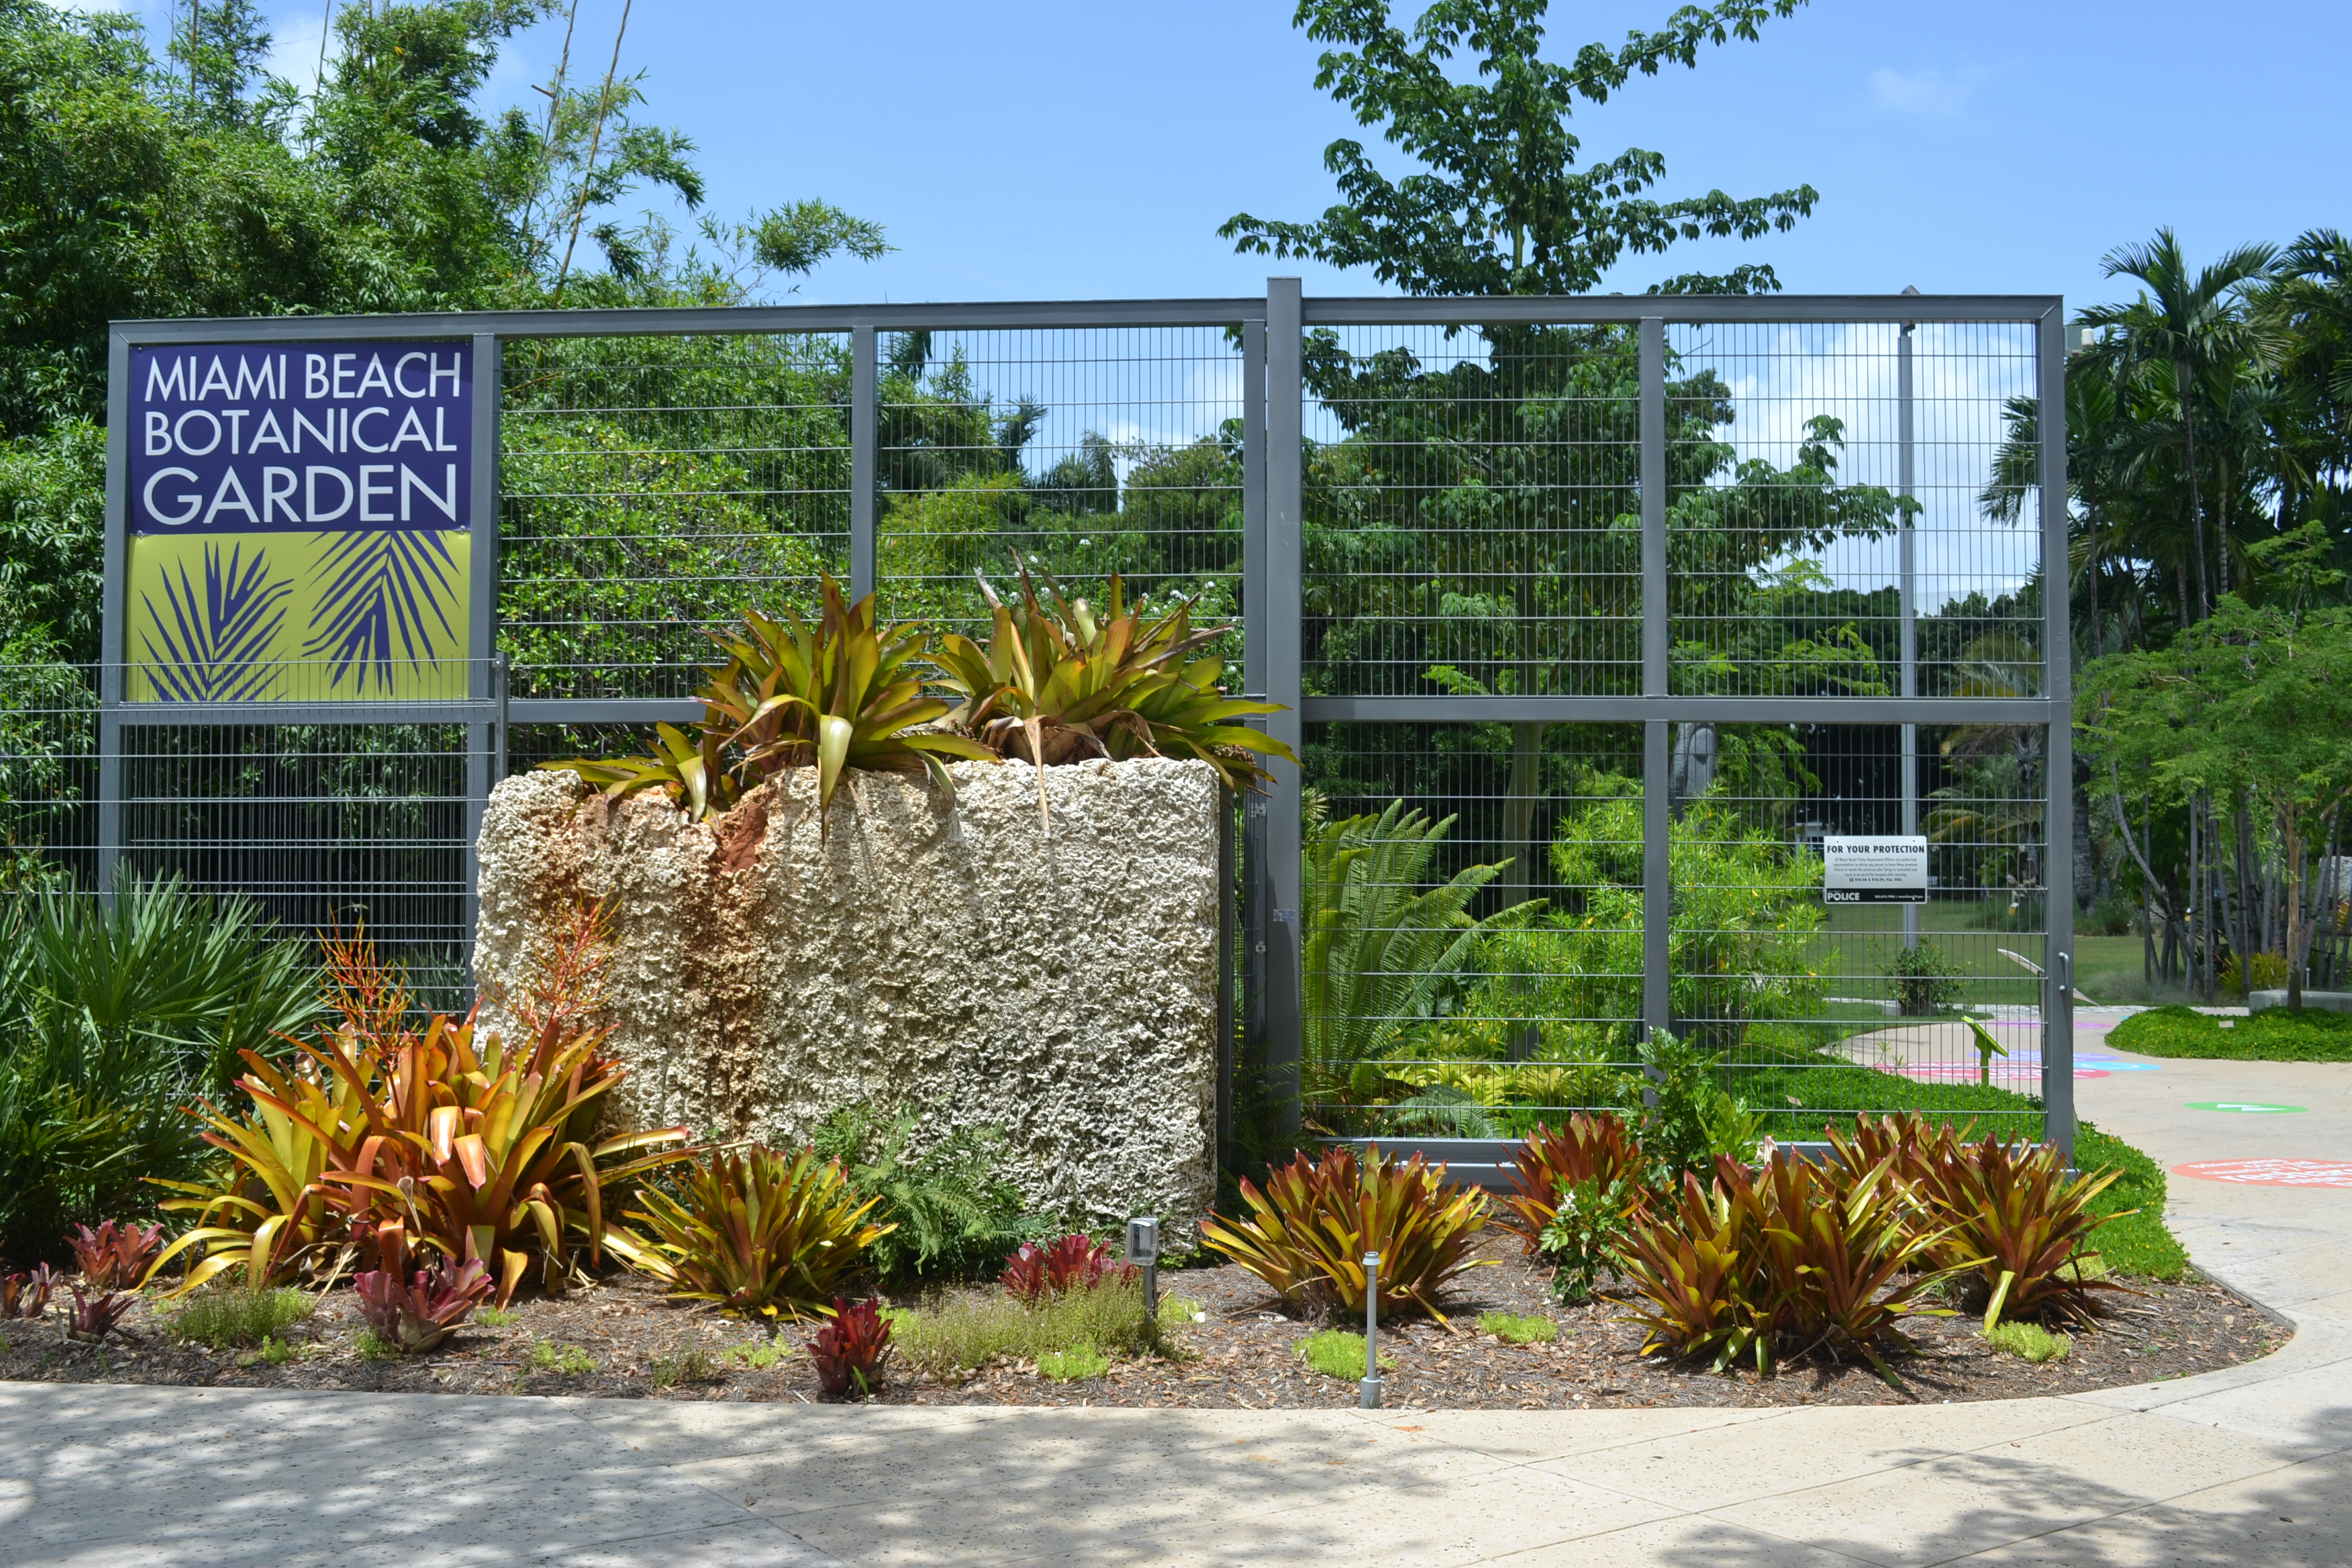 Miami beach botanical garden carla guarilha - Manhattan beach botanical garden ...